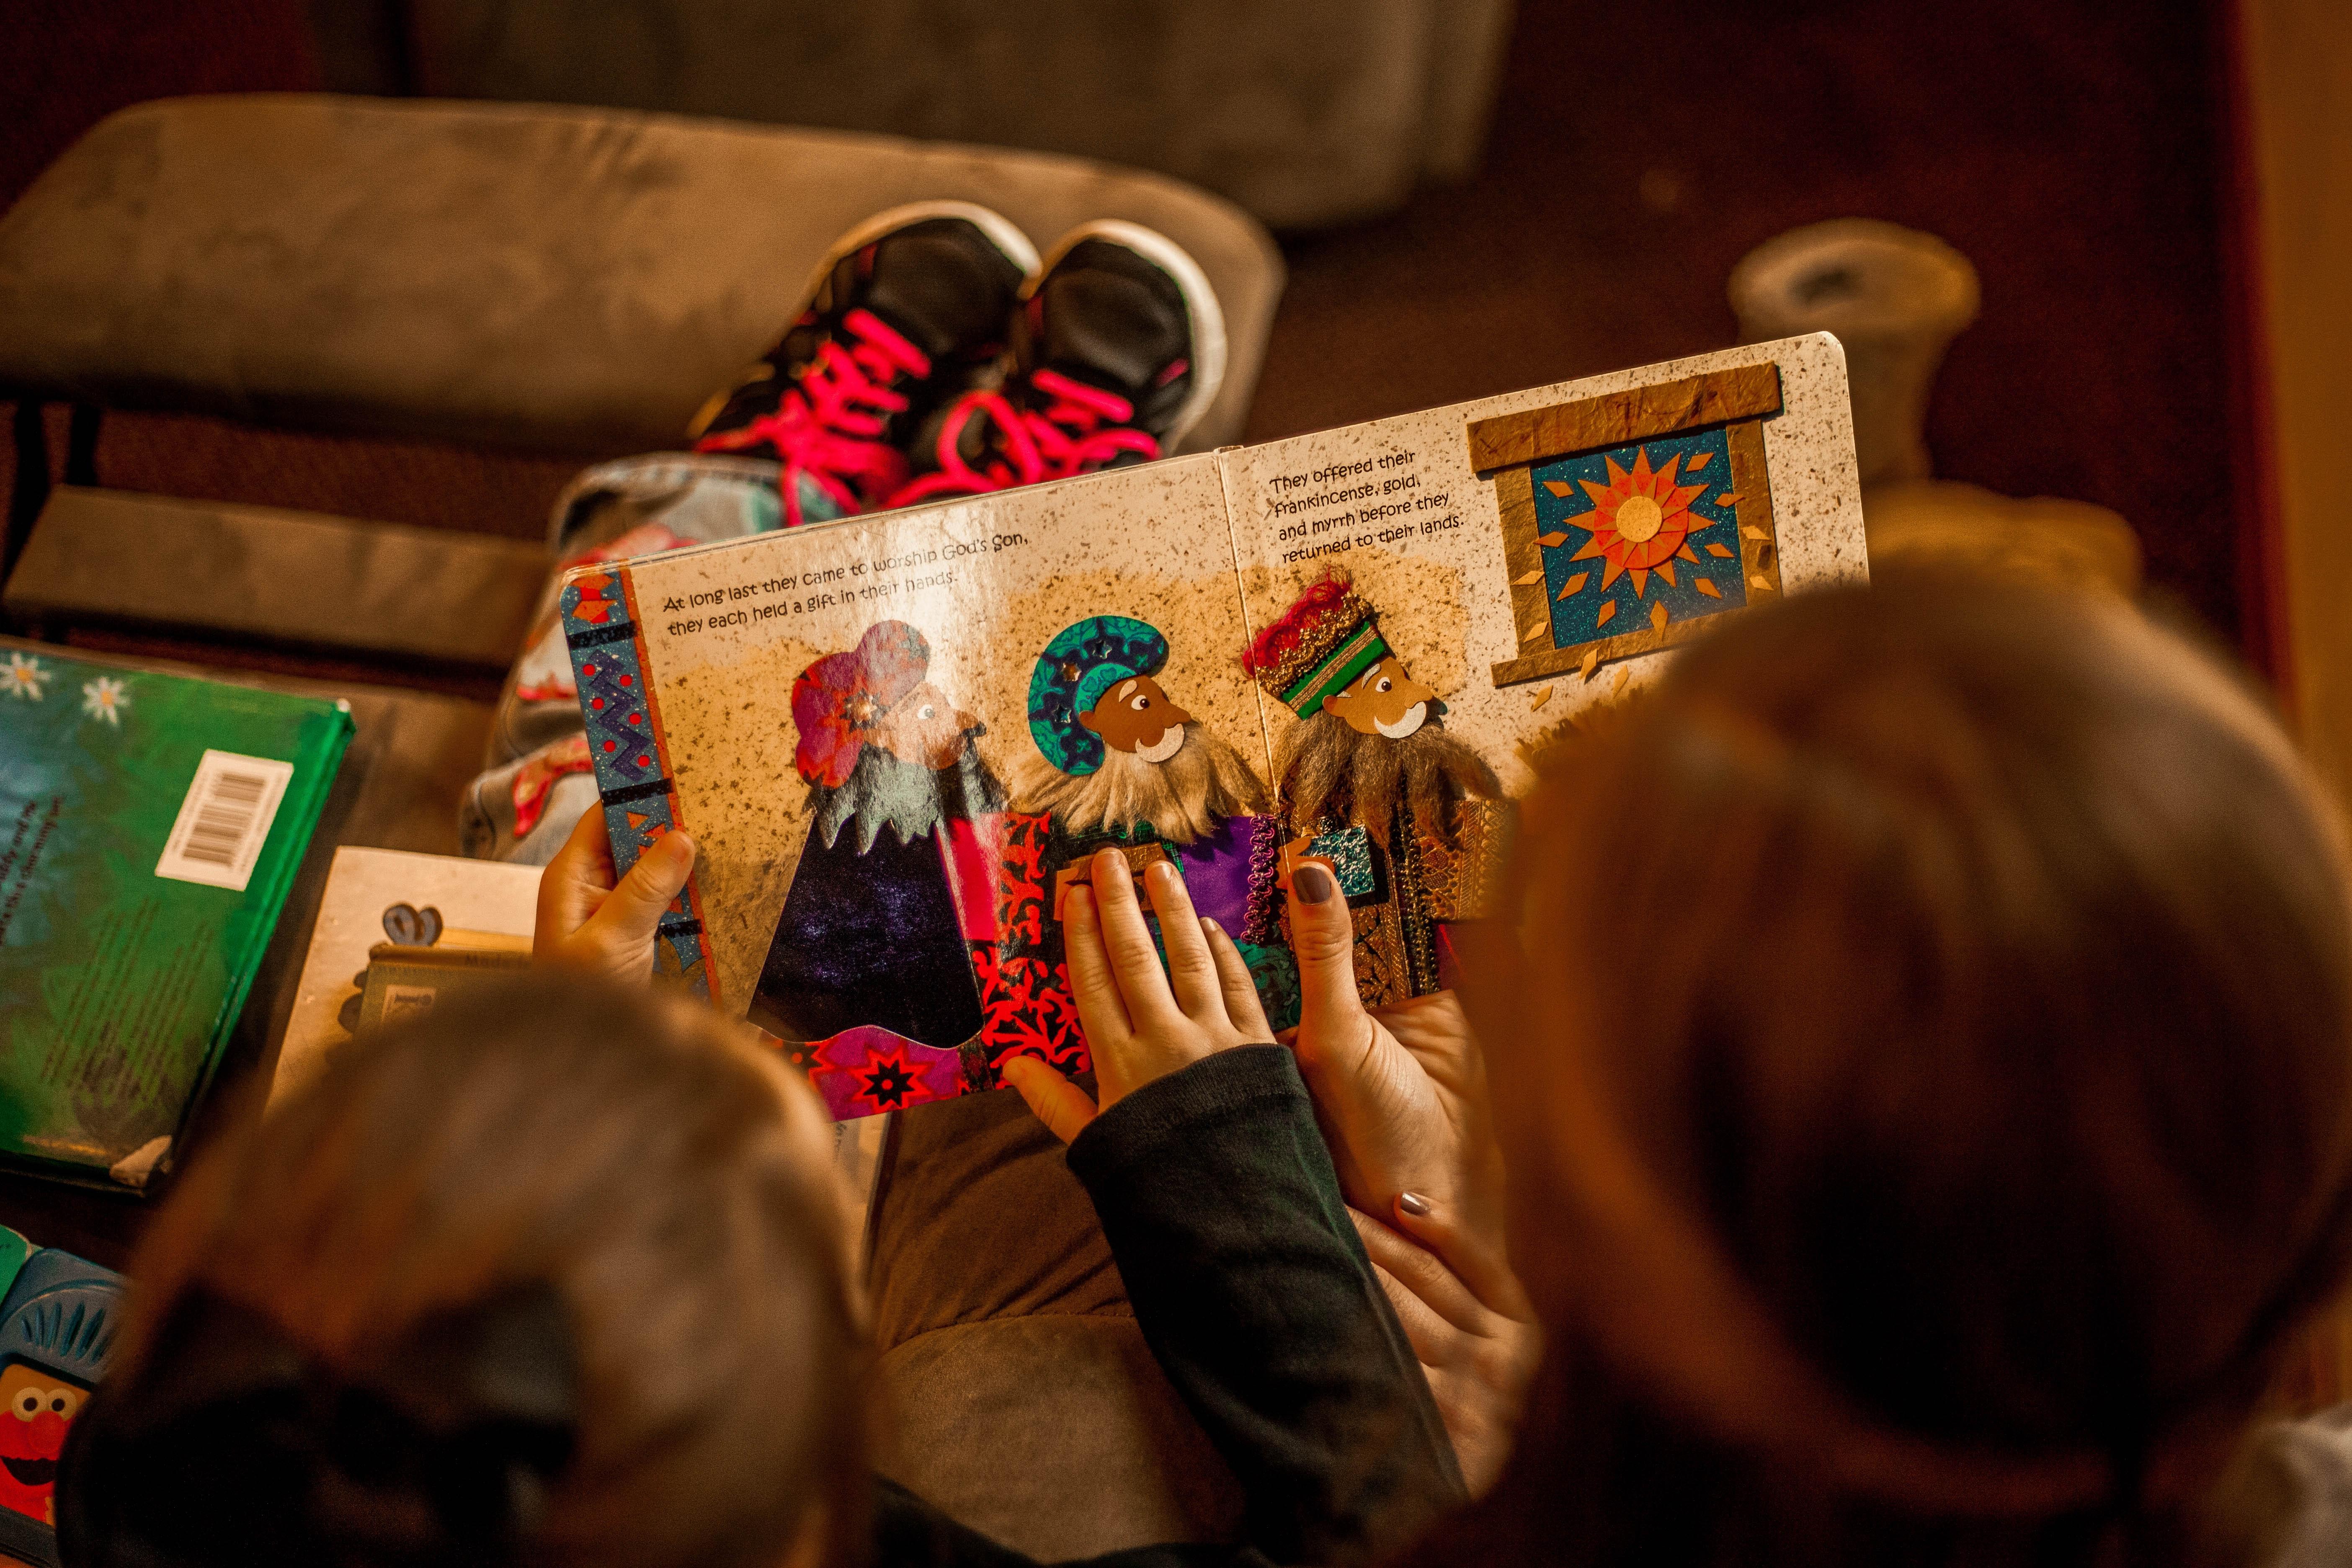 13 pautas para una convivencia positiva con niños y niñas durante la cuarentena